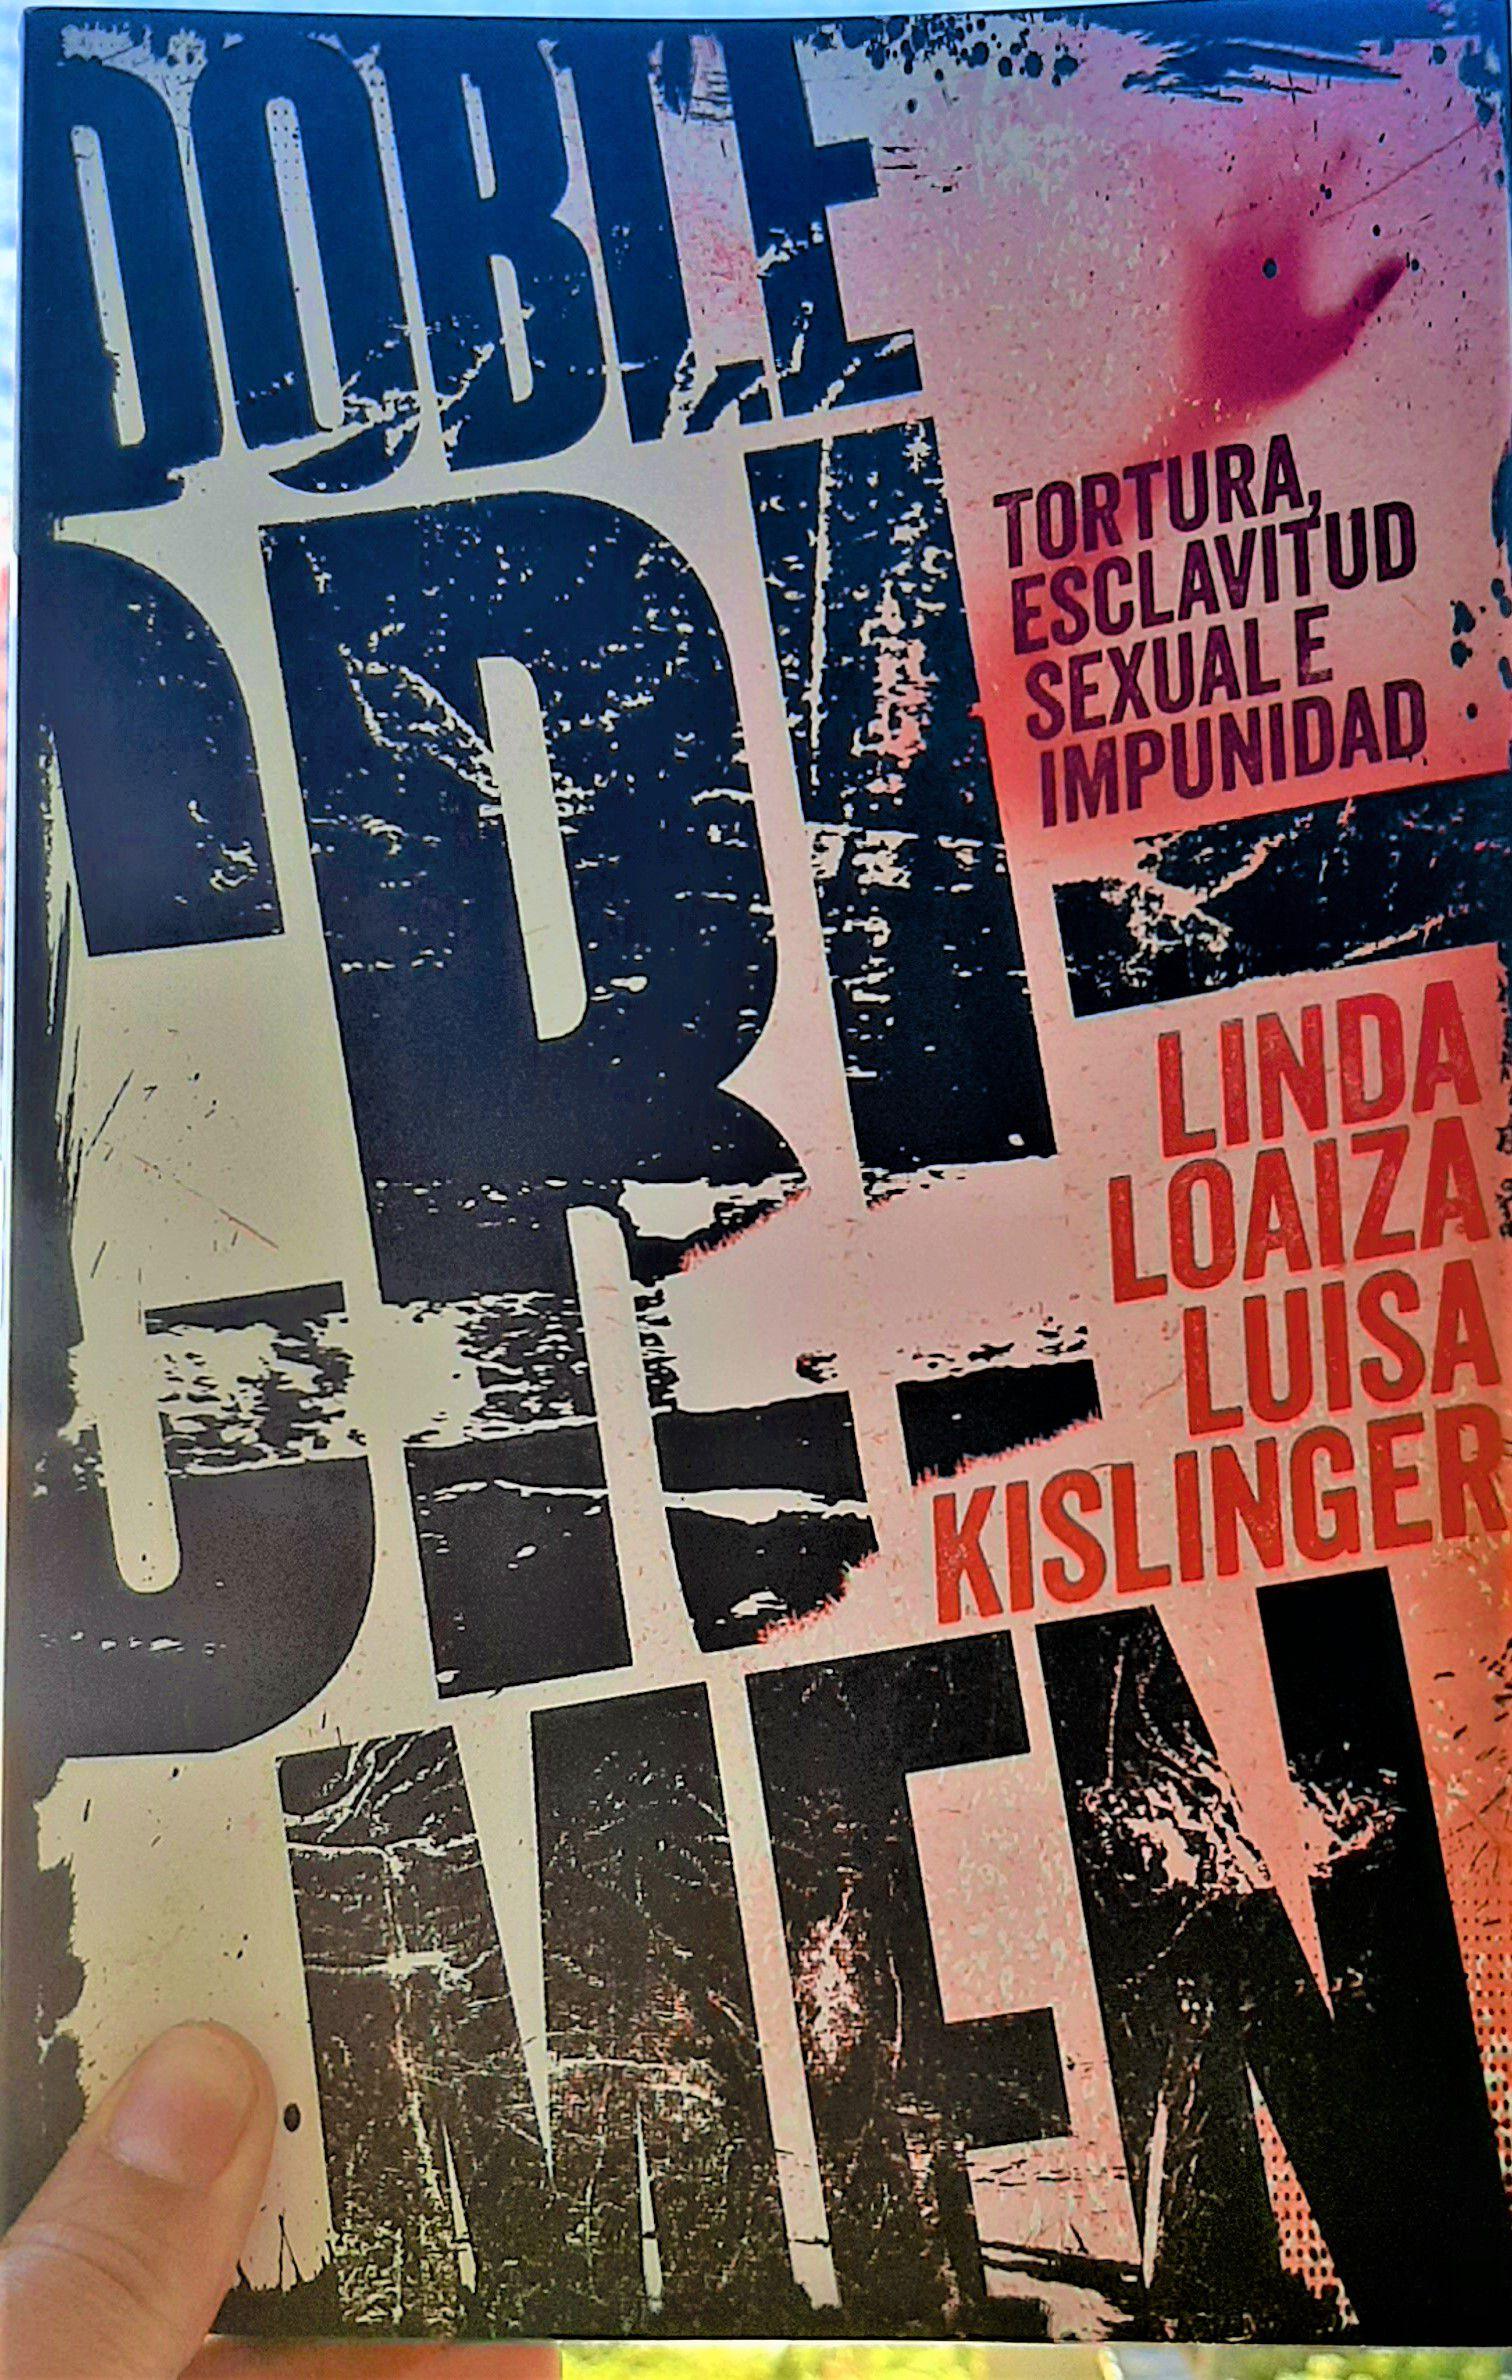 venezuela En el libro Doble Crimen narra la tortura y esclavitud sexual que sufrió, así como la impunidad de su caso